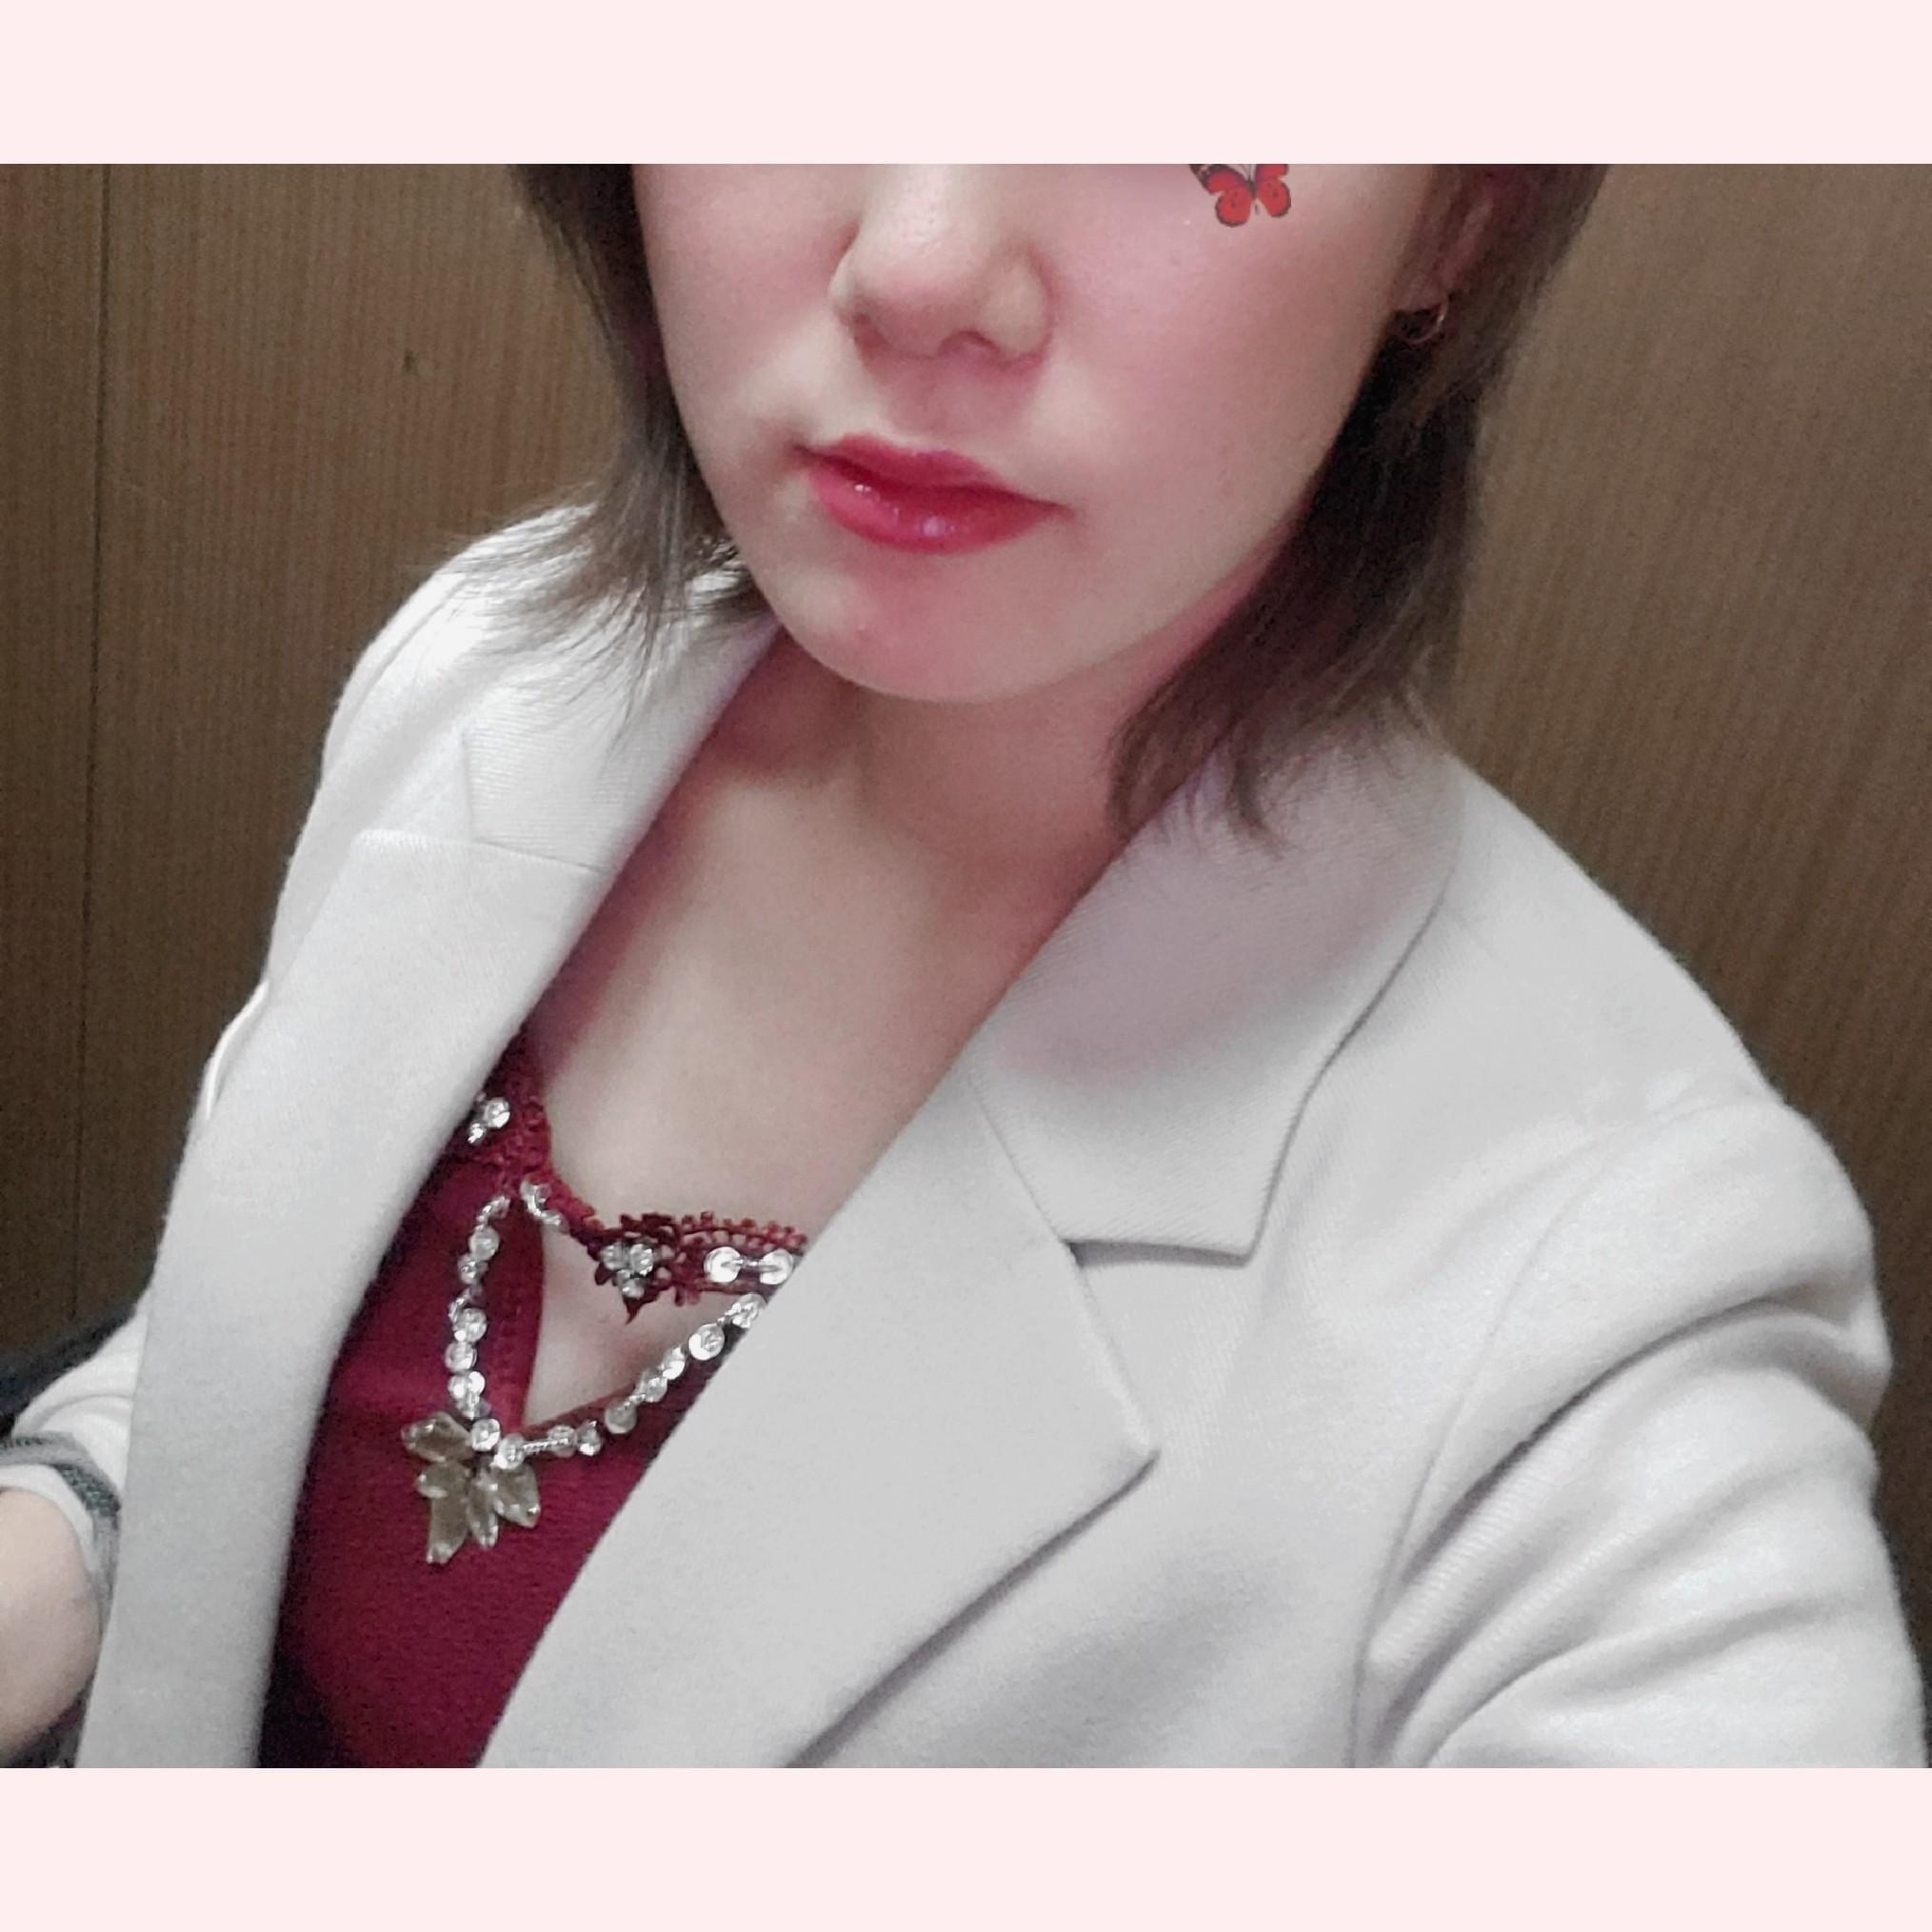 「冬〜」12/04(12/04) 14:32 | 痴女せりかの写メ・風俗動画